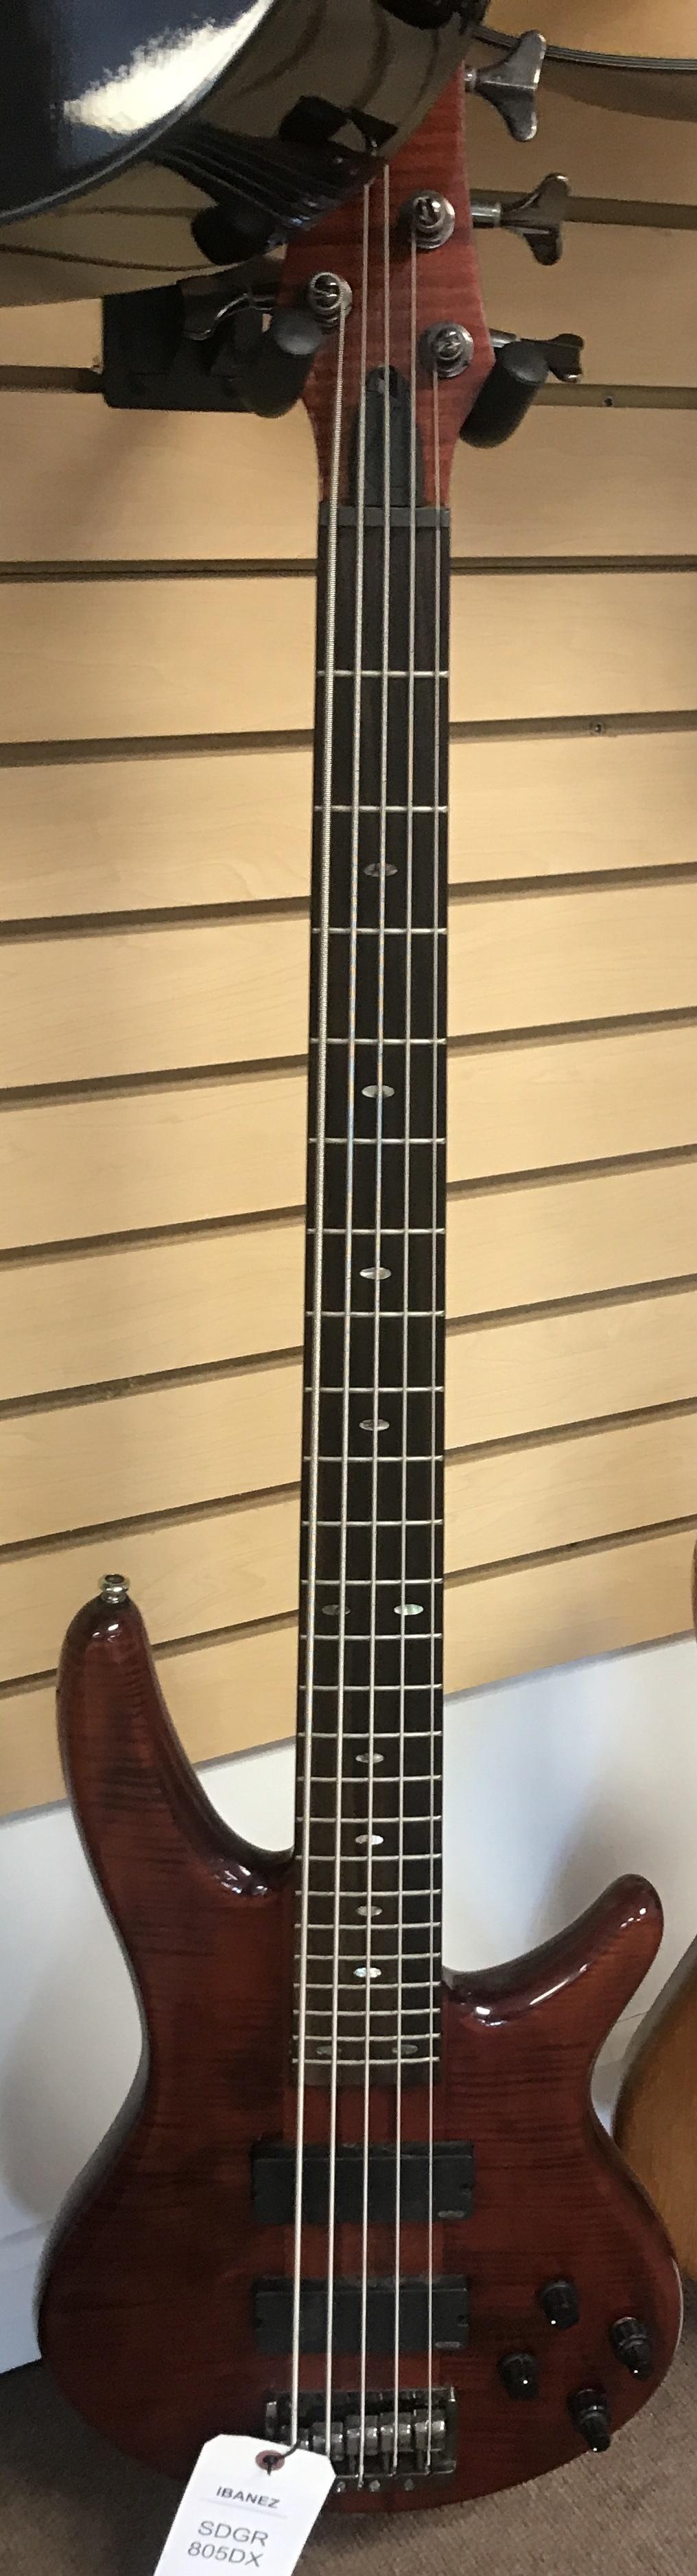 IBANEZ - SRT805DX - BASS GUITAR MUSICAL INSTRUMENT